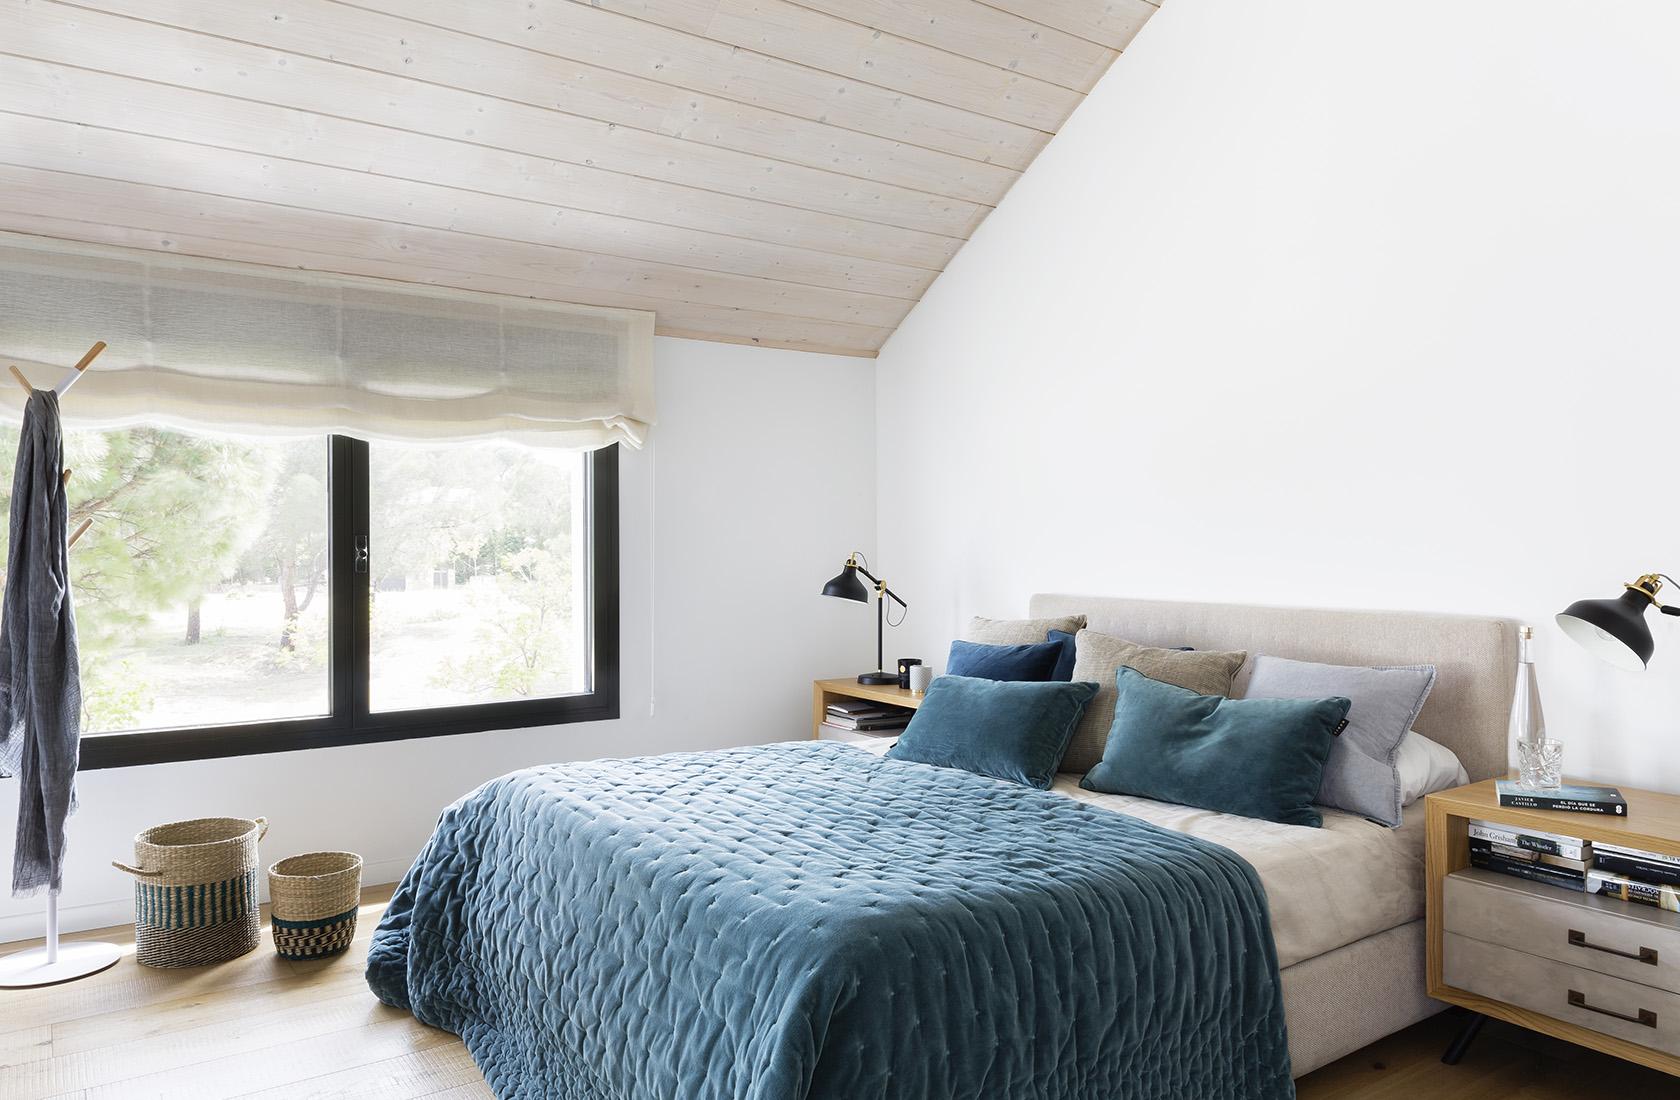 Dormitorio principal de Casa XY, Arquitectura en madera